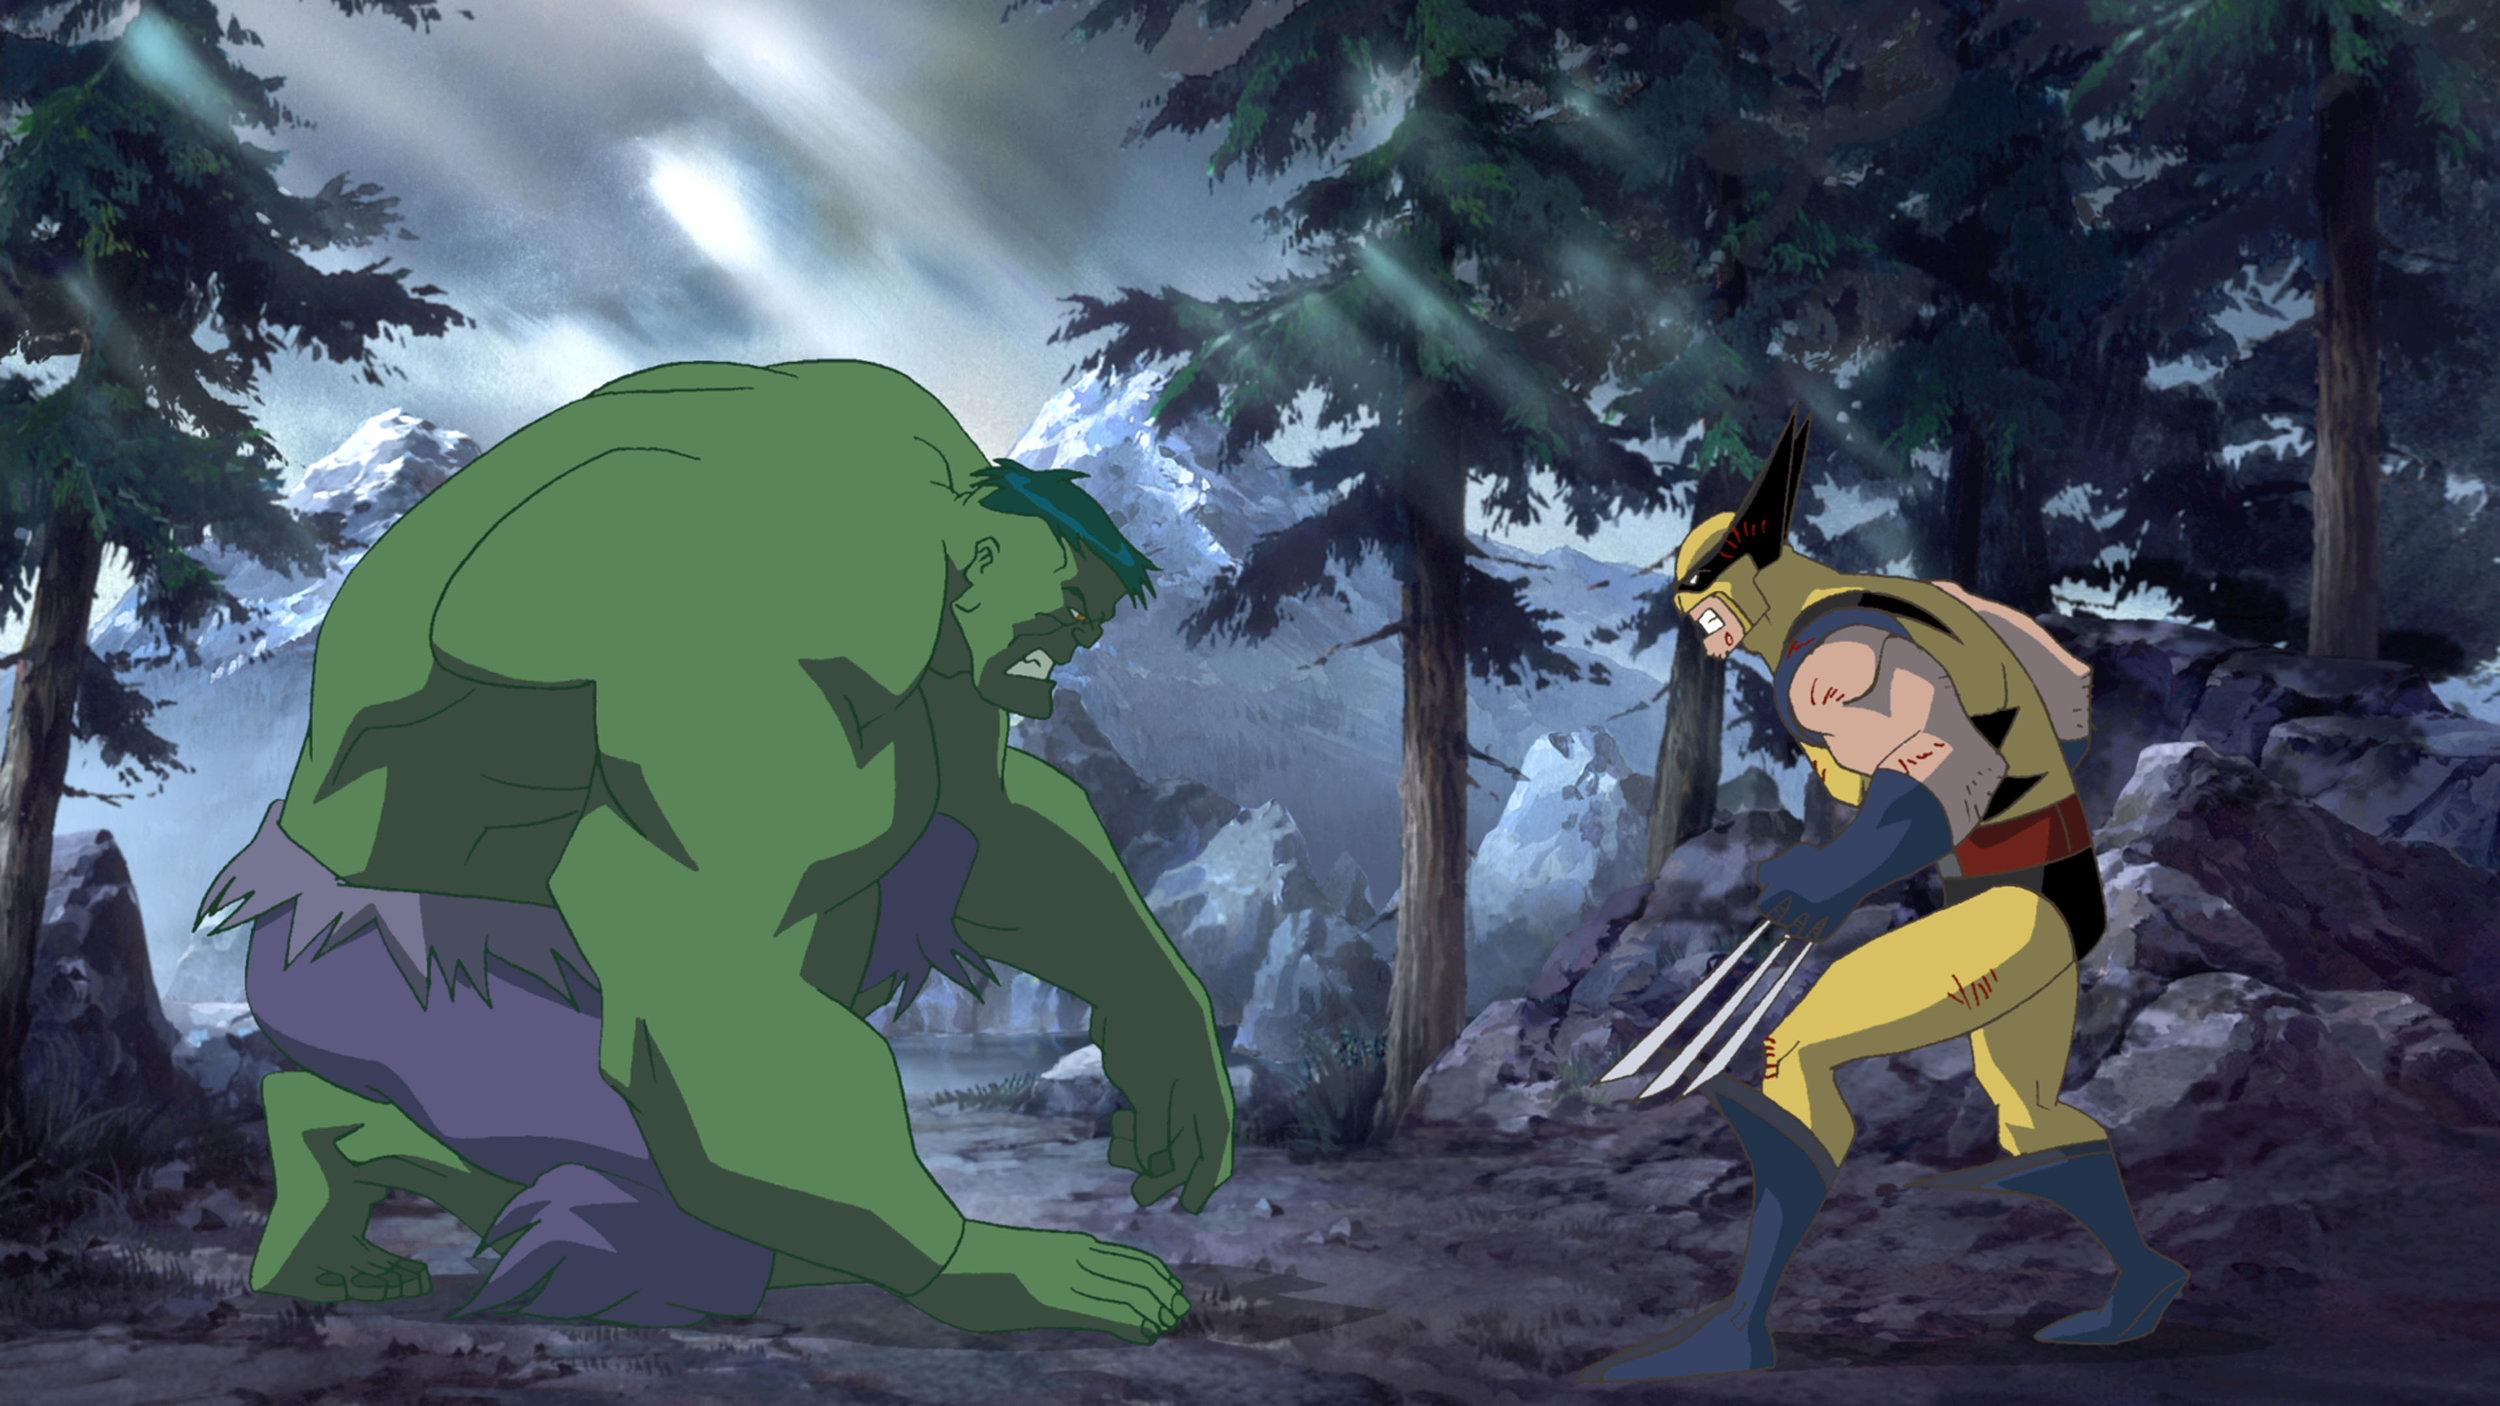 「Hulk vs wolverine ANIMATED MOVIE」的圖片搜尋結果